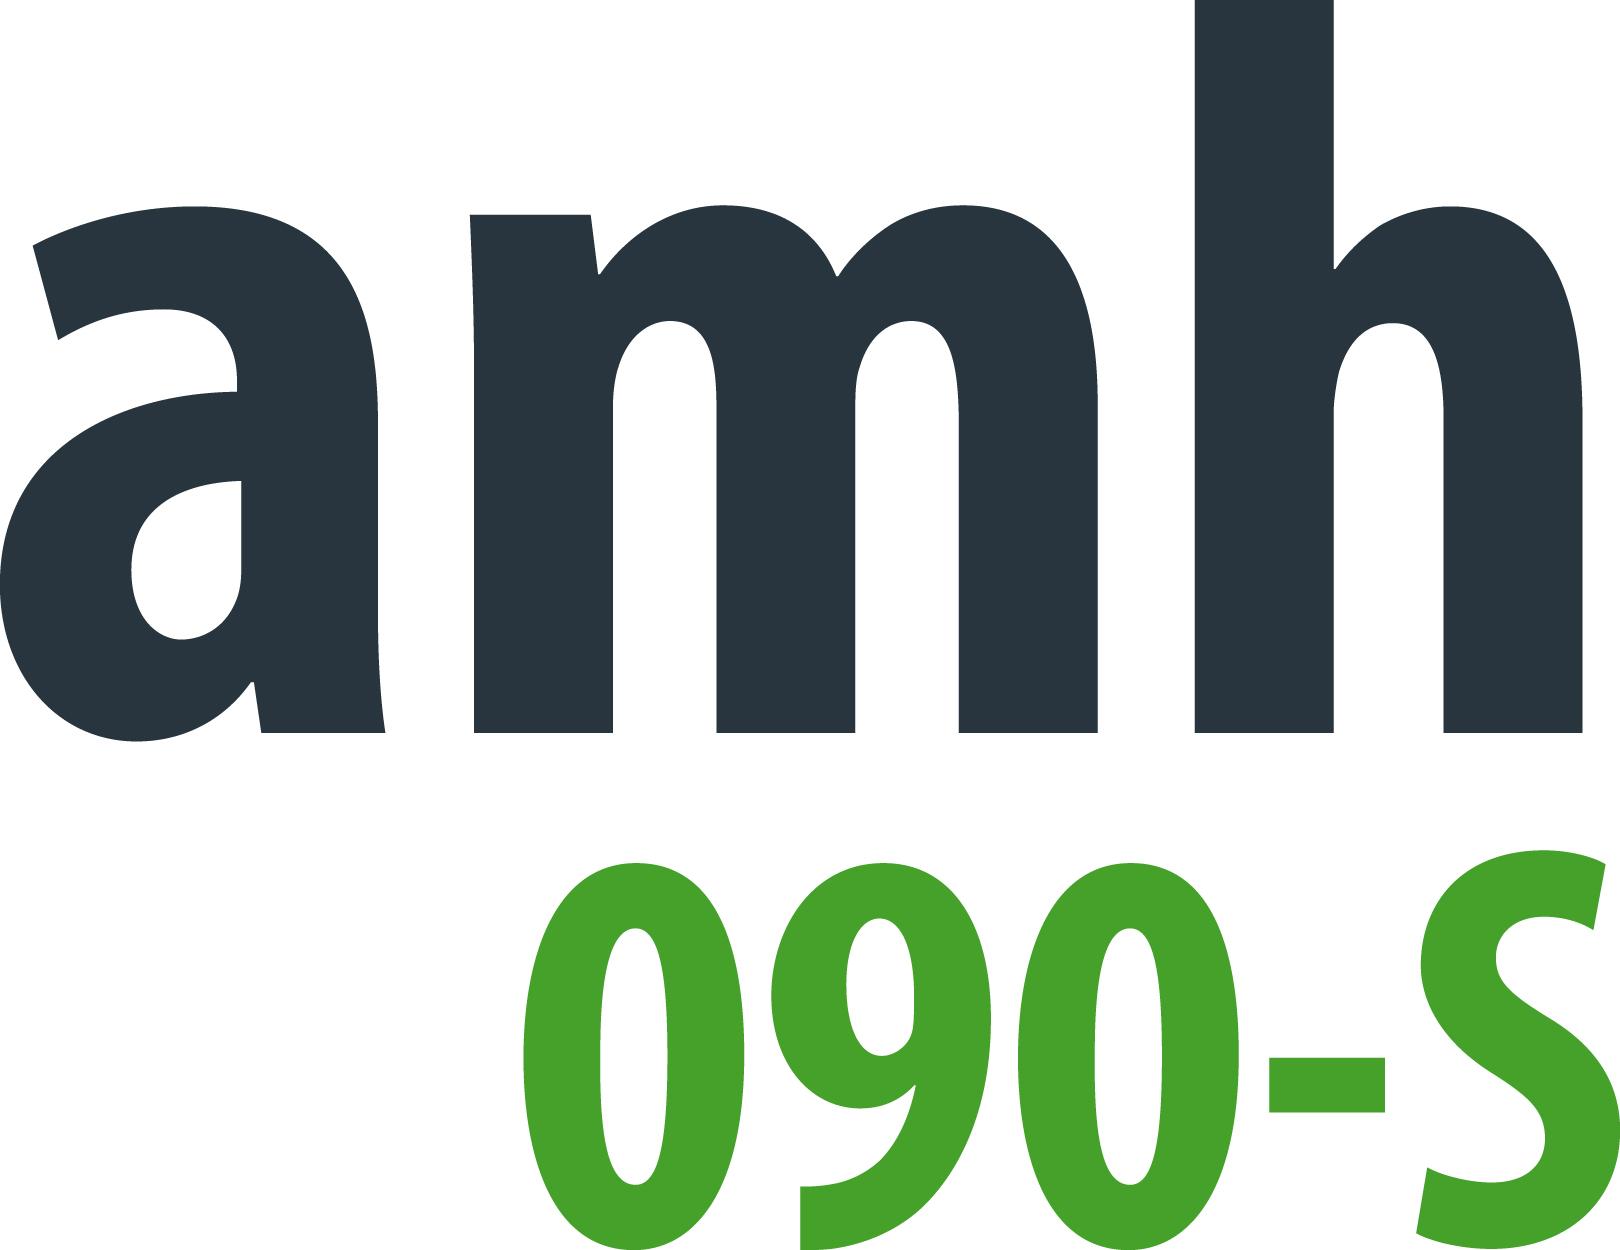 amh090s